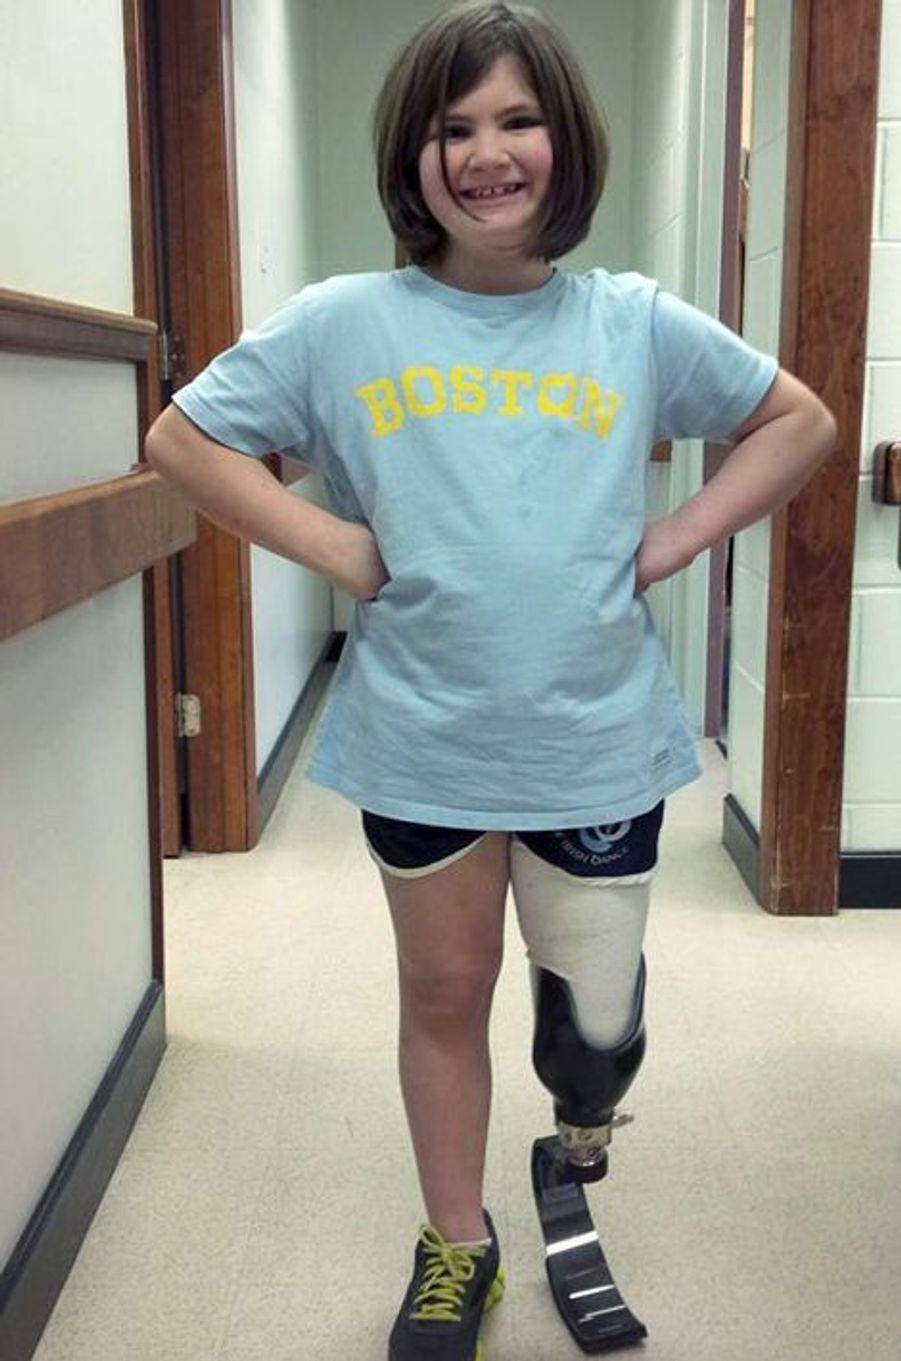 Jane Richard a perdu son grand frère, Martin, 8 ans, lors des attentats. Sa mère avait été grièvement blessée et elle-même a perdu une jambe. Mais la fillette, désormais âgée de 8 ans, a reçu des prothèses qui lui permettent de continuer le sport, ce qu'elle adore. Les avancées de la famille Richard sont à suivre sur leur blog (en anglais).